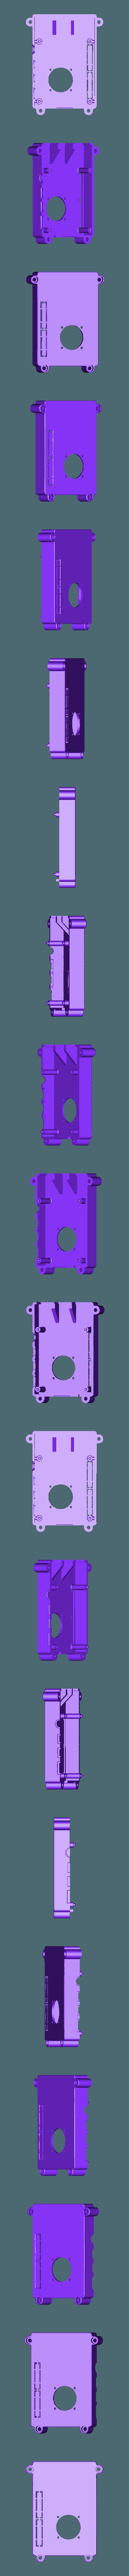 FULL_25MM_BLANK.STL Télécharger fichier STL gratuit Étui Pi 4B Framboise Framboise • Objet pour imprimante 3D, mkellsy